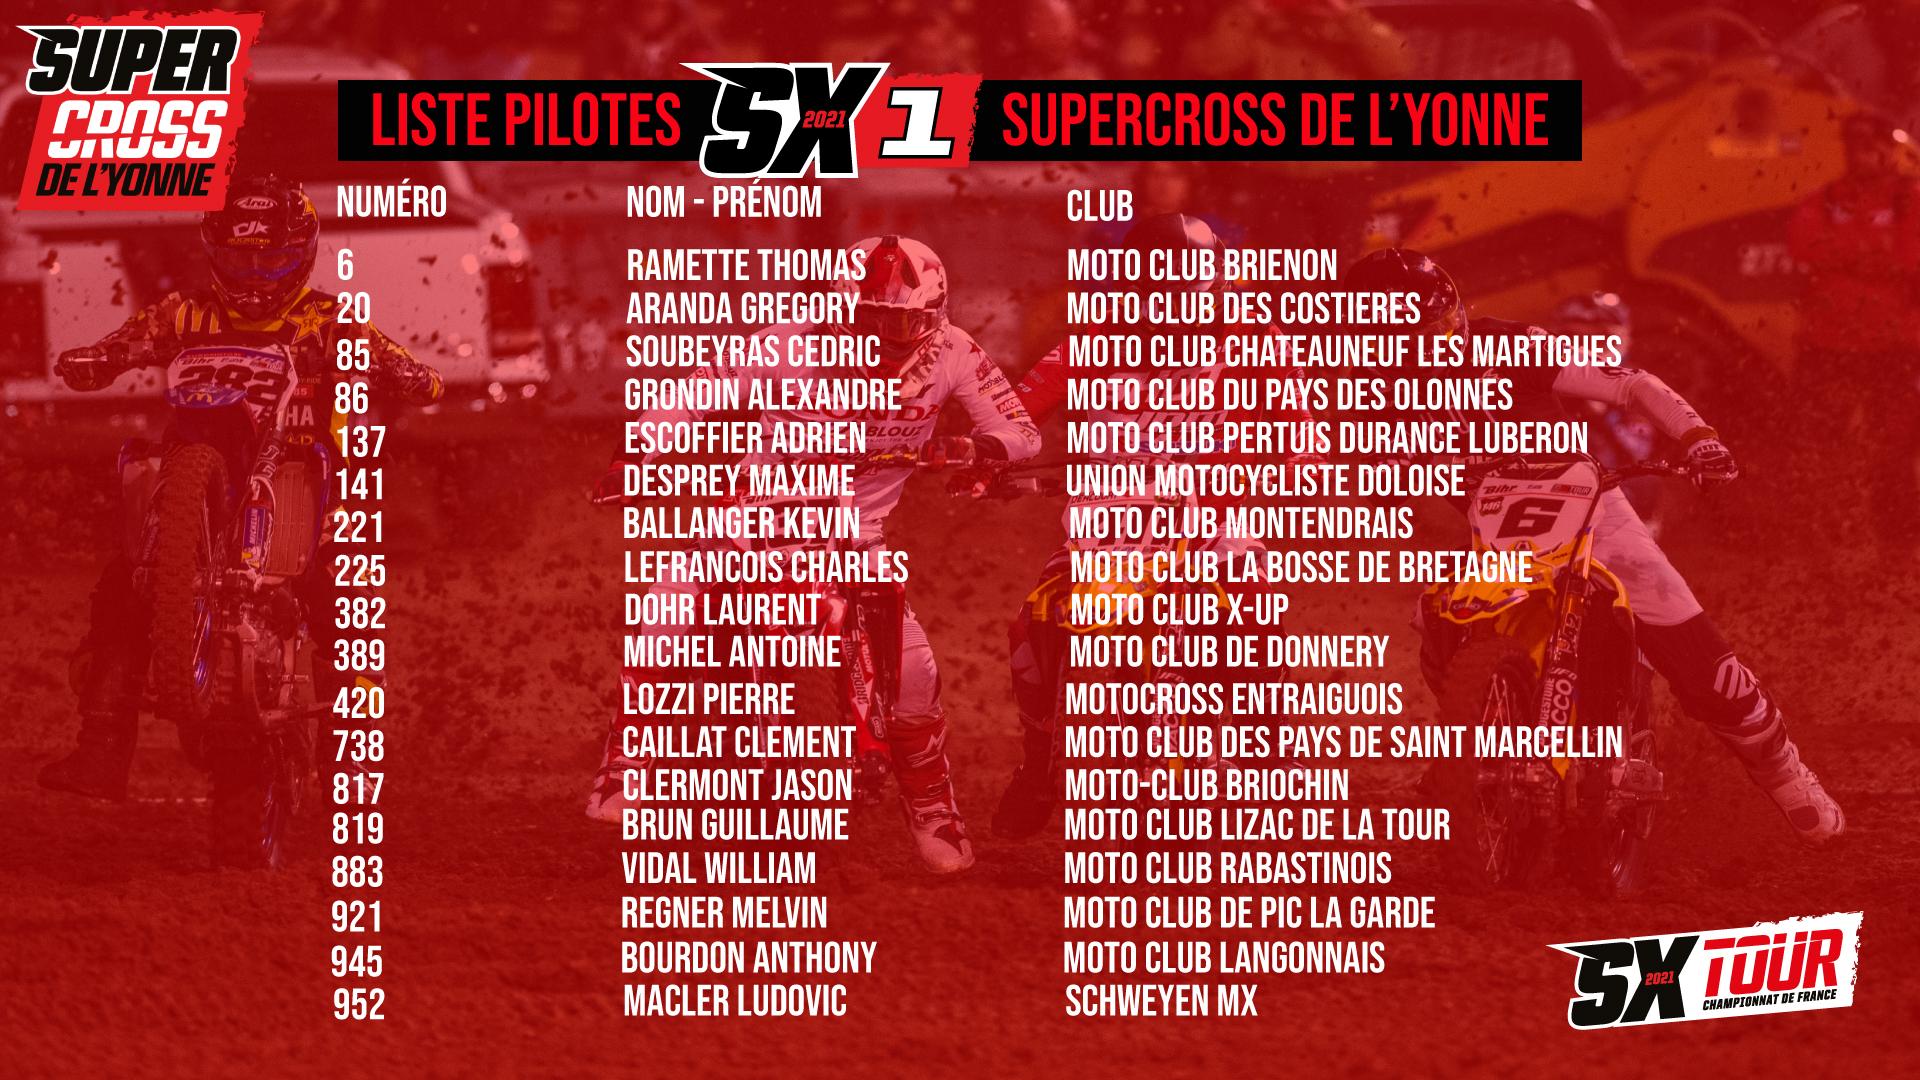 Supercross de l'Yonne 2021 -  La liste des pilotes SX1